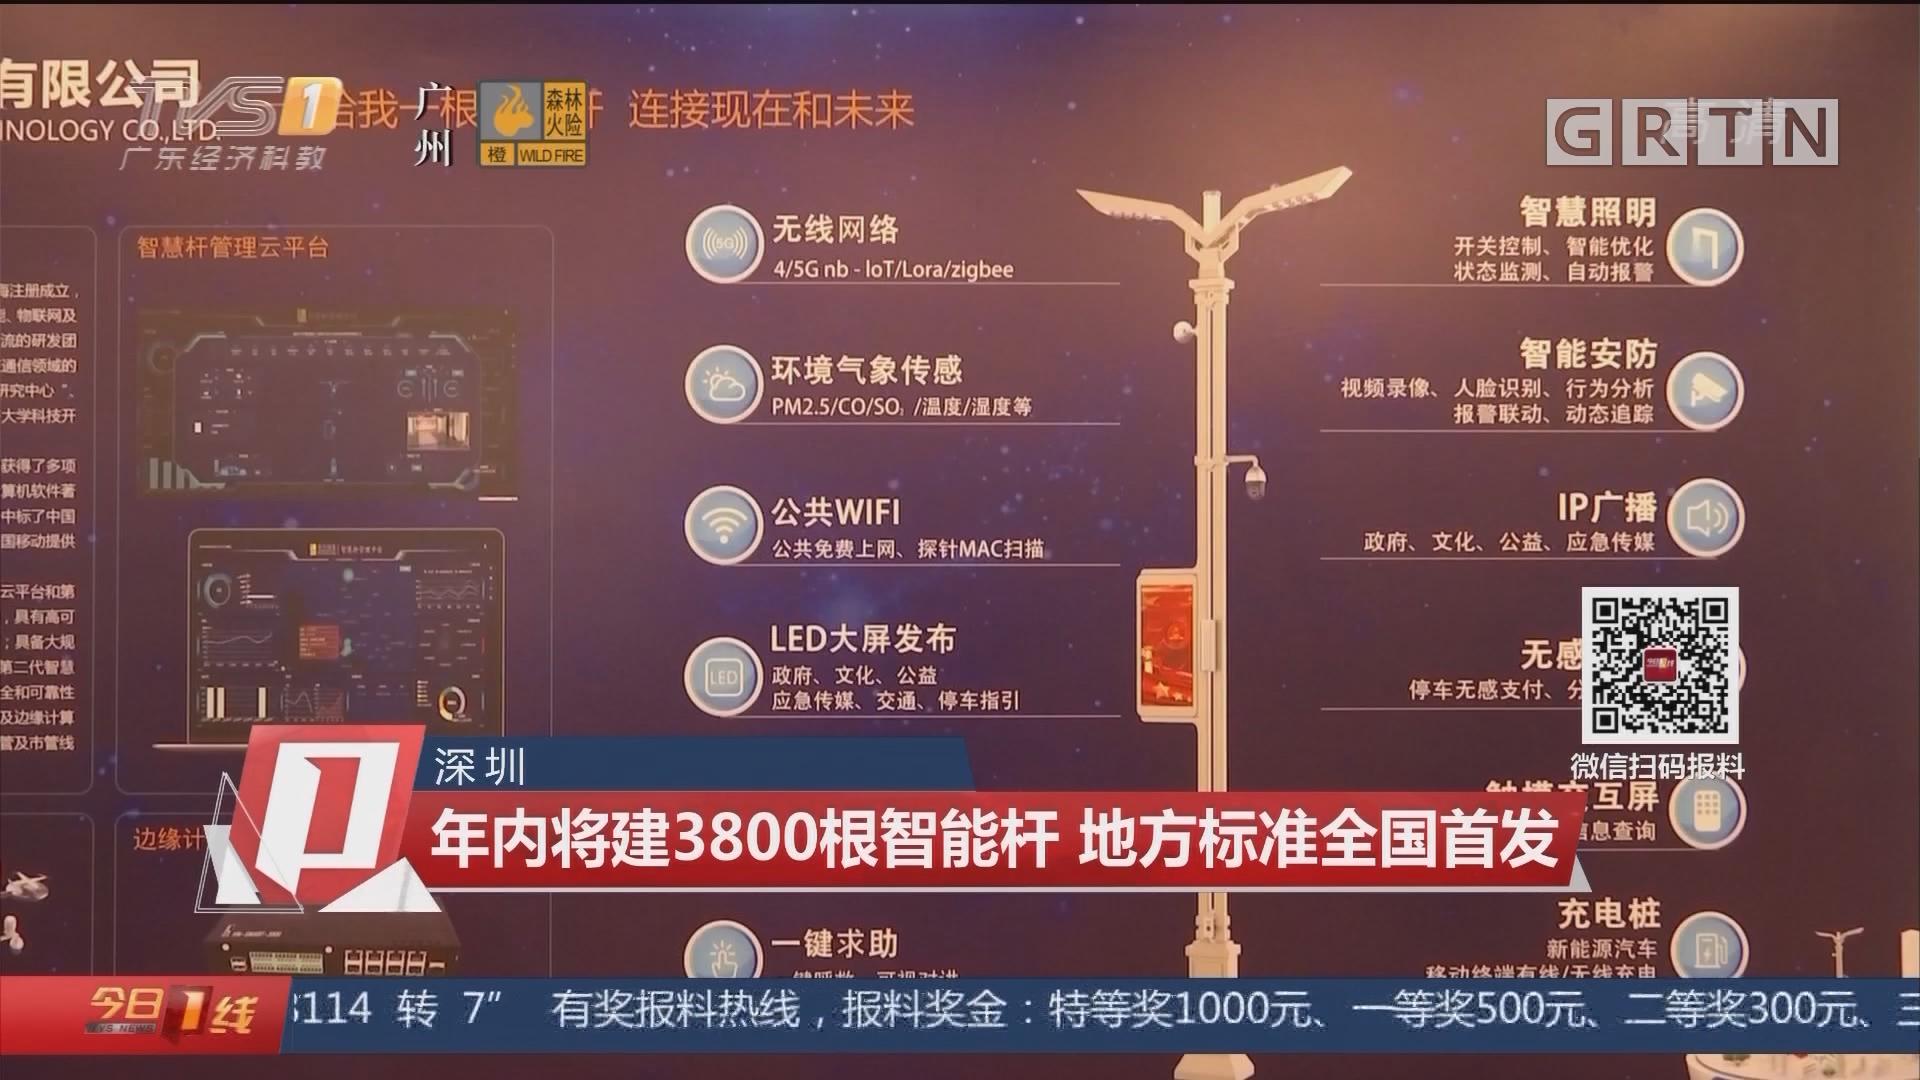 深圳:年内将建3800根智能杆 地方标准全国首发